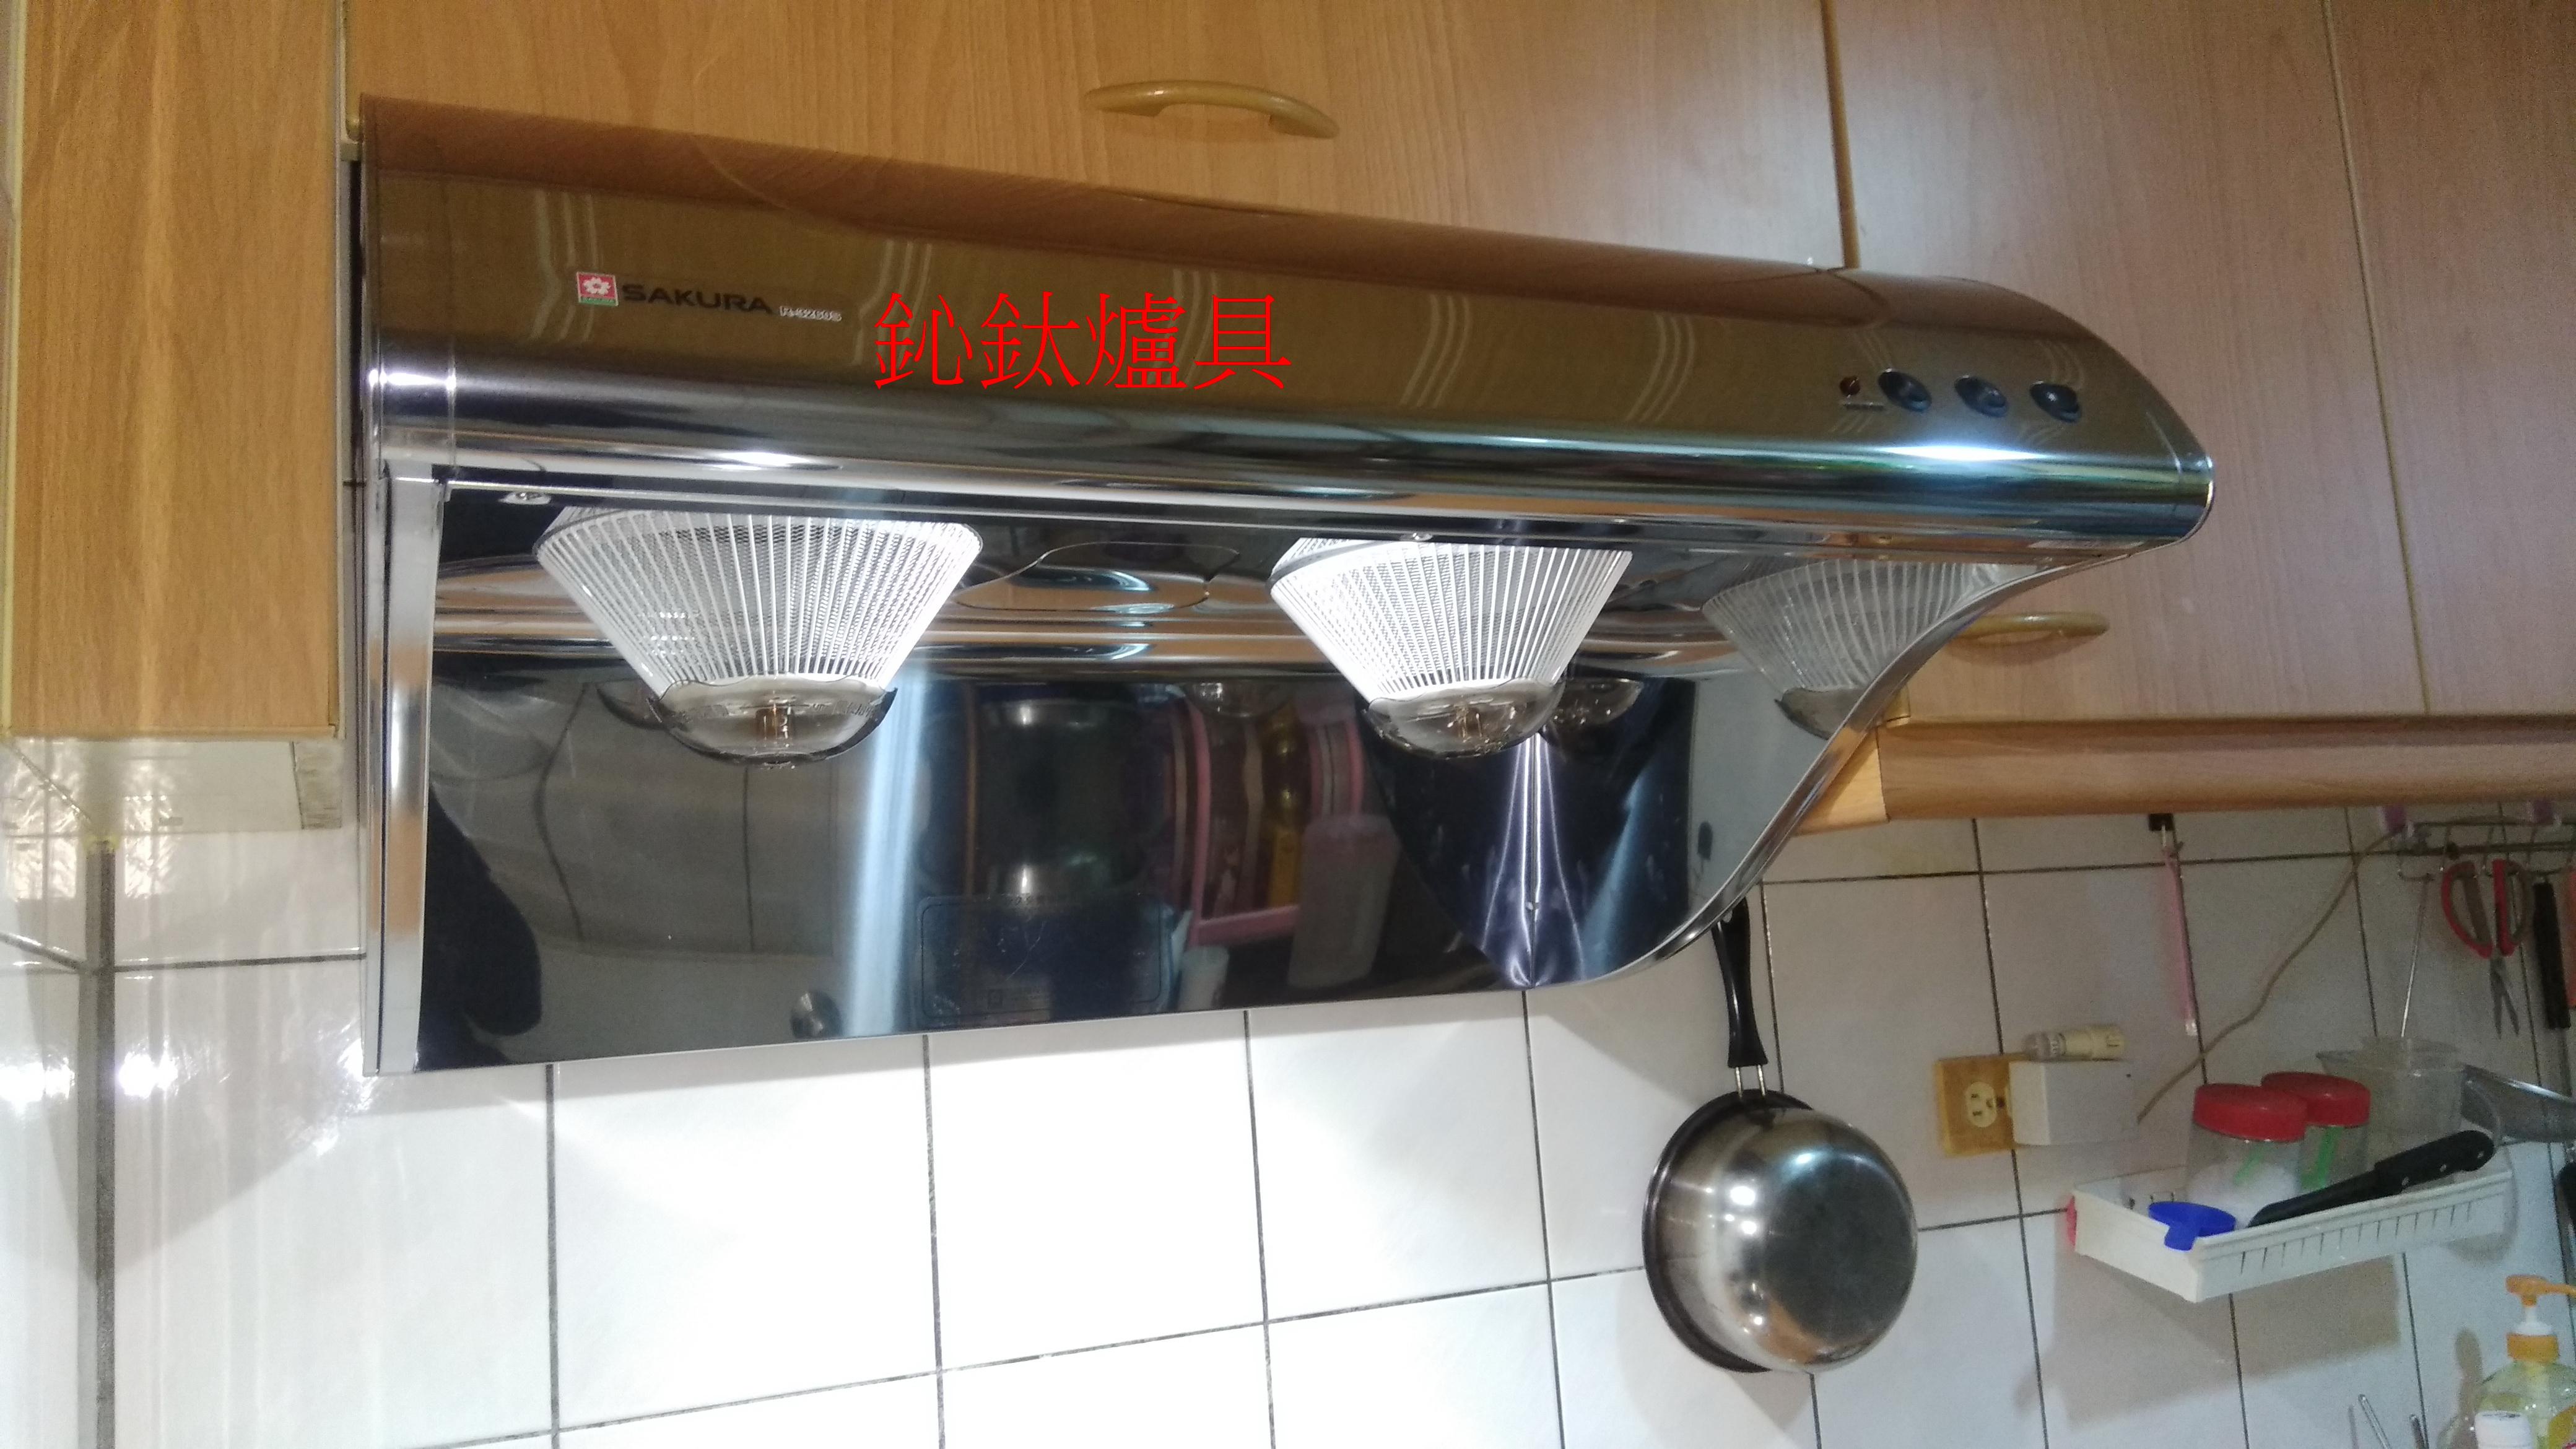 櫻花排油煙機R-3260SL斜背式除油煙機(雙效除油)(80CM).jpg